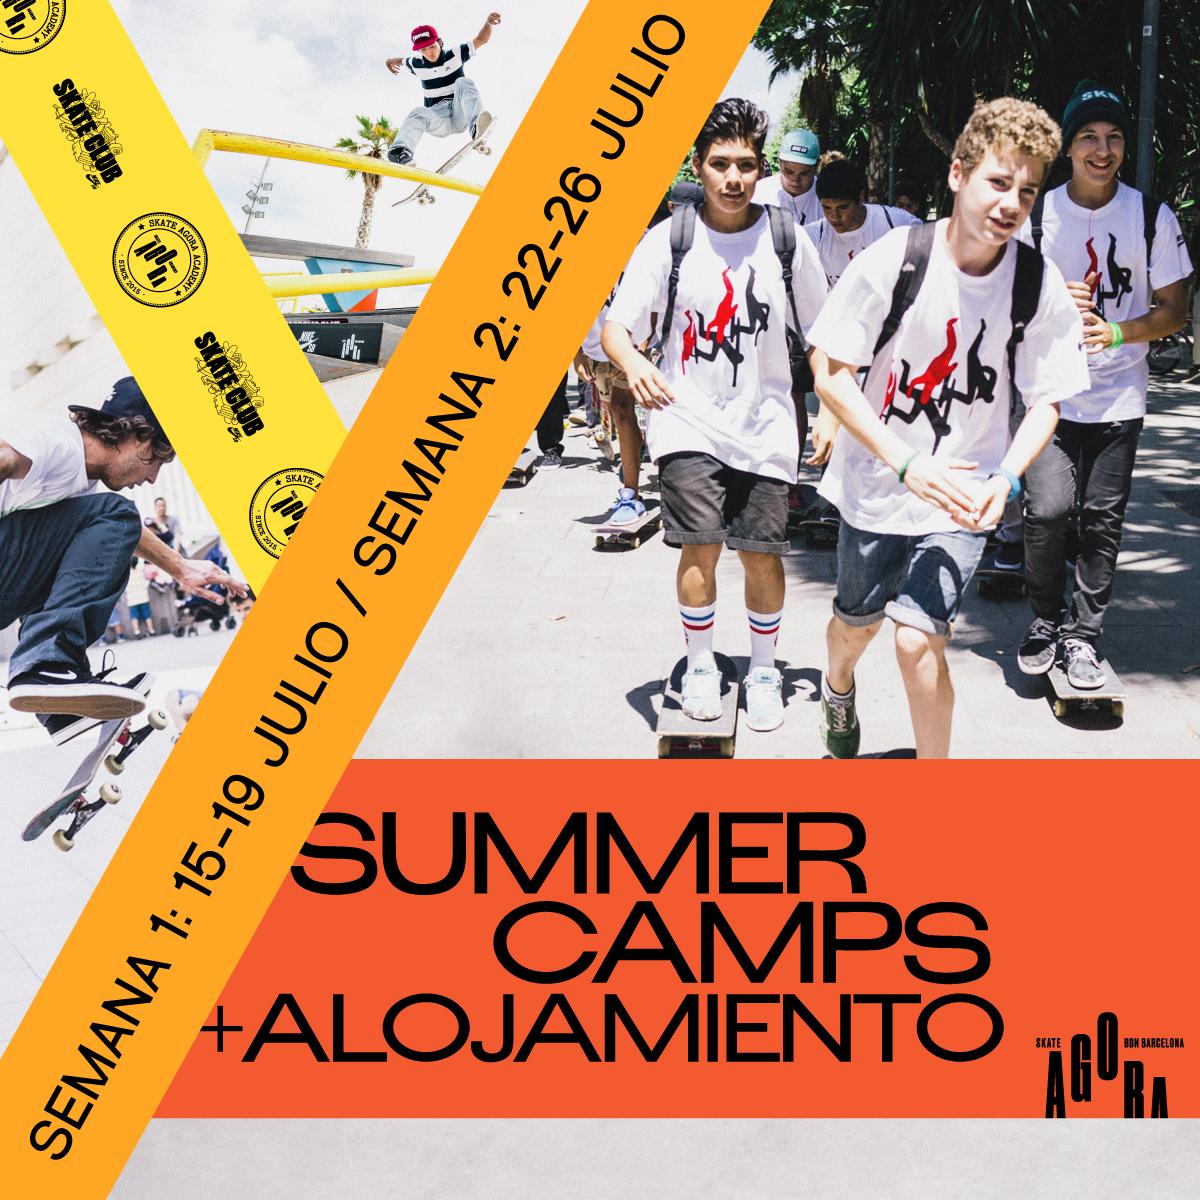 Skatecamp en Barcelona